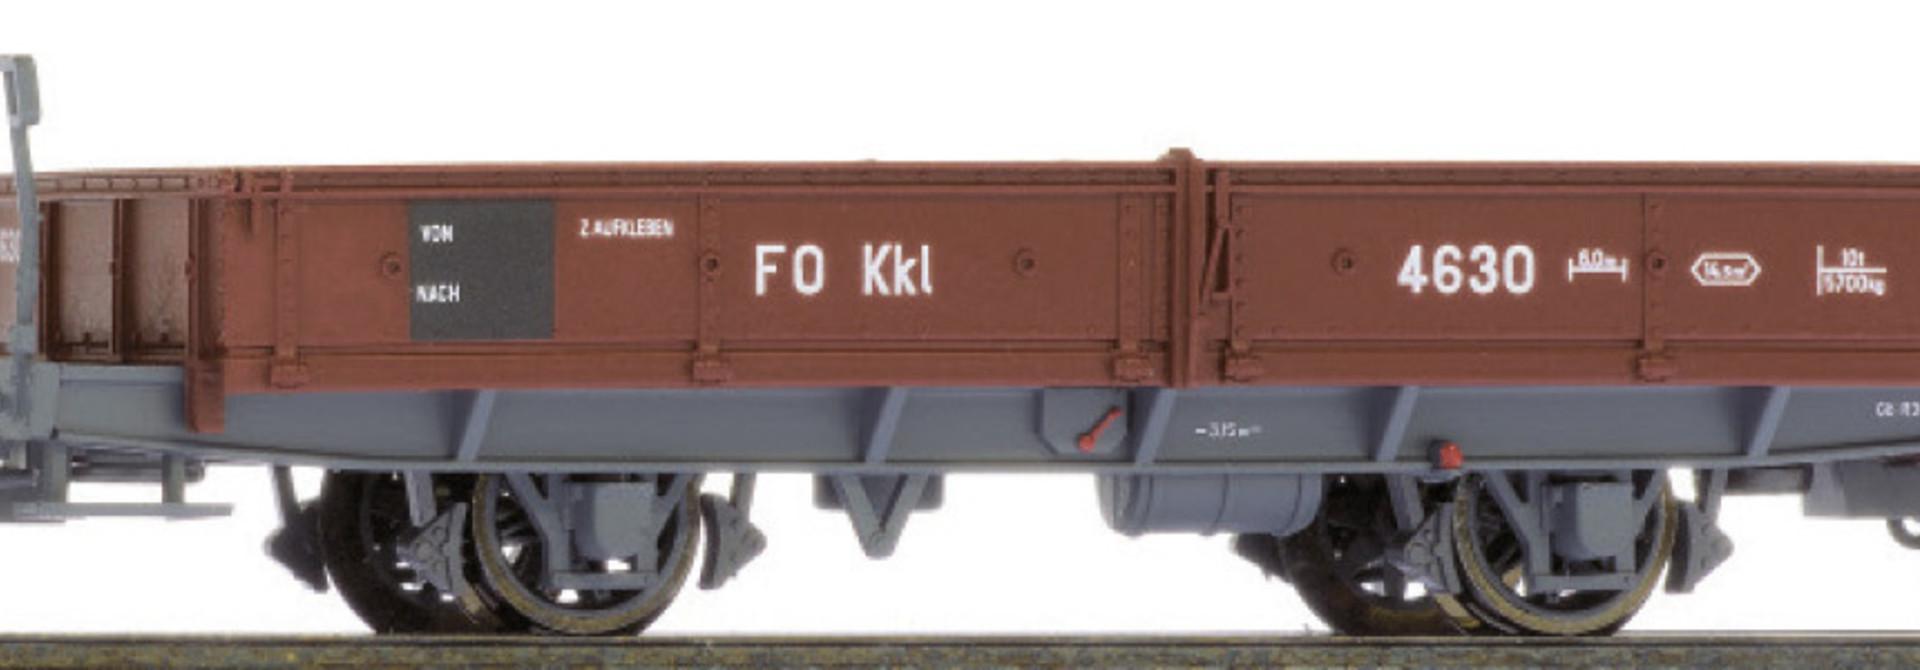 2257217 FO Kkl 4627 Niederbordwagen braun